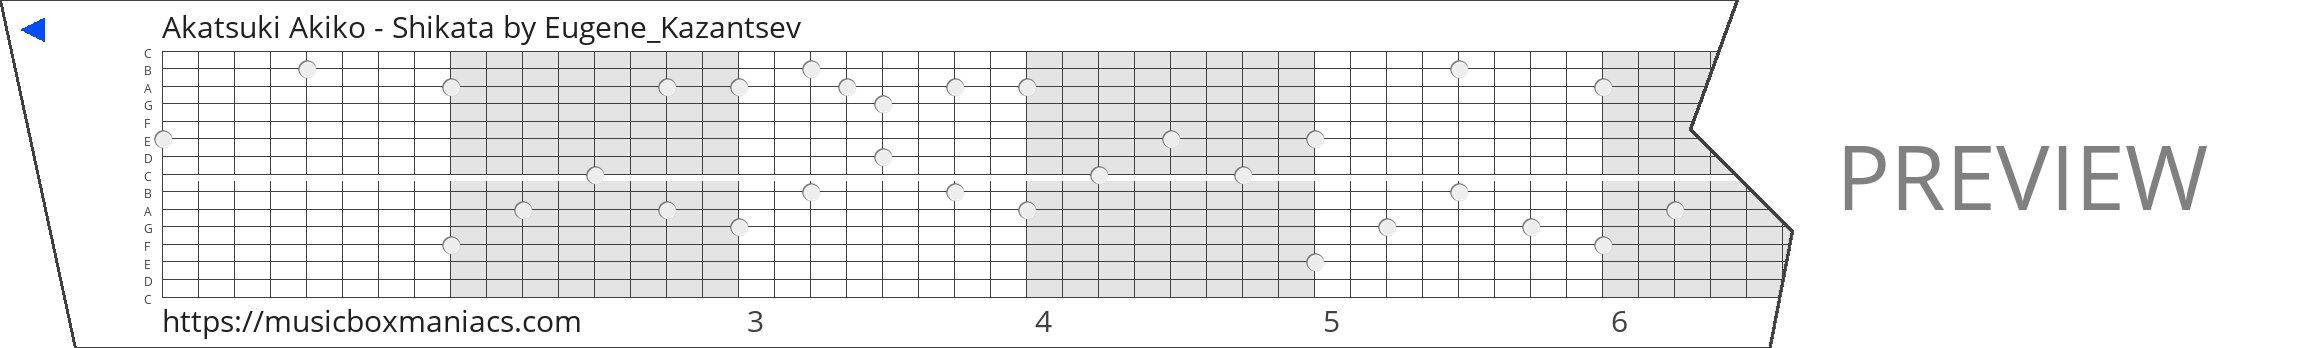 Akatsuki Akiko - Shikata 15 note music box paper strip